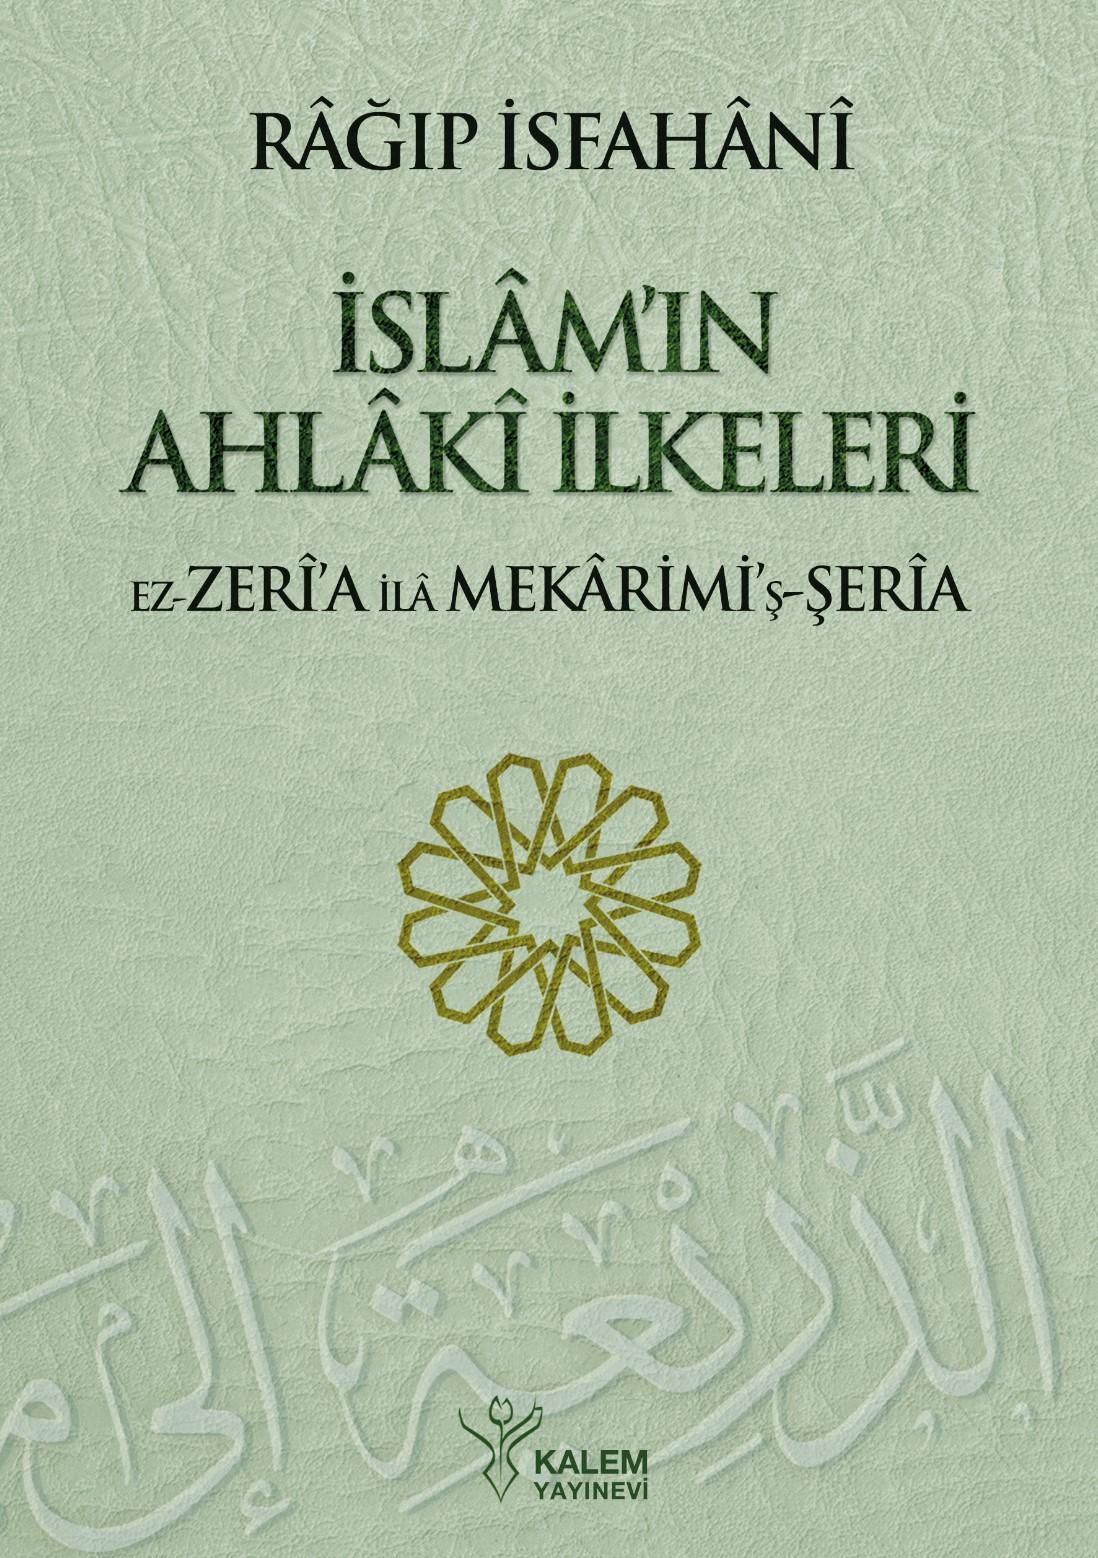 İslamın Ahlaki İlkeleri; Ez Zeria ila Mekarimiş Şeria